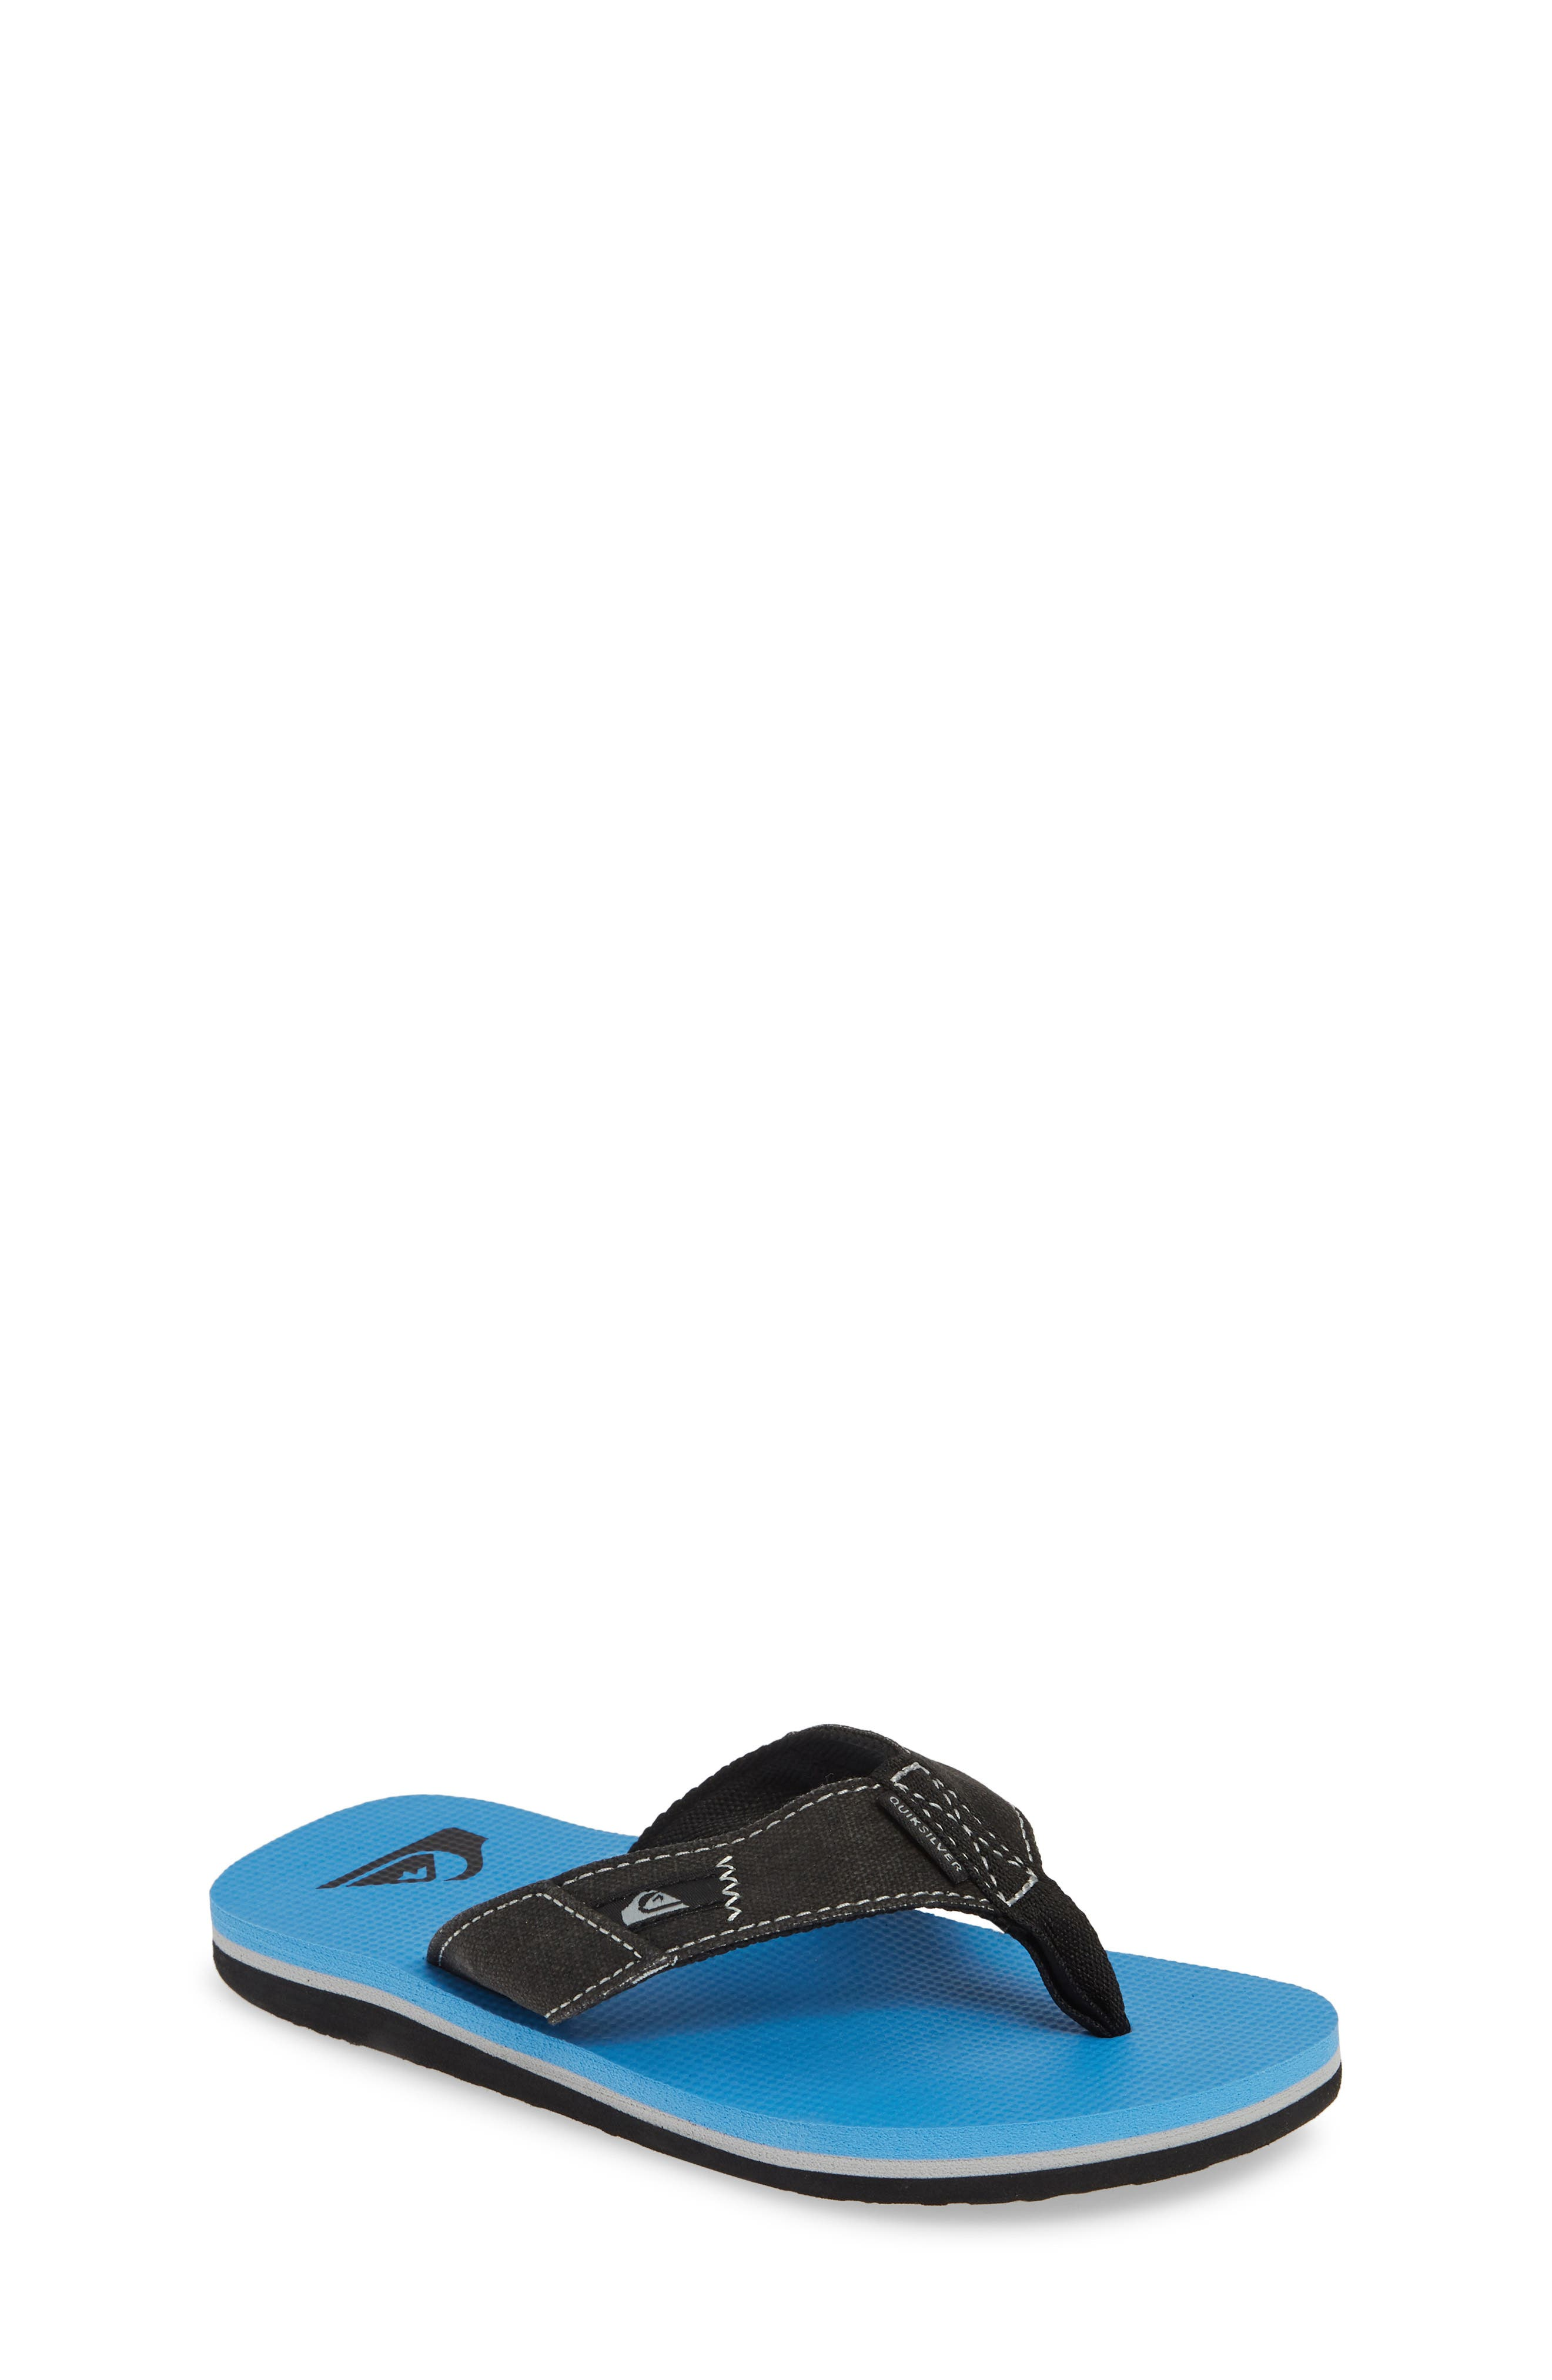 QUIKSILVER, Molokai Abyss Flip Flop, Main thumbnail 1, color, BLACK/ BLUE/ BLACK